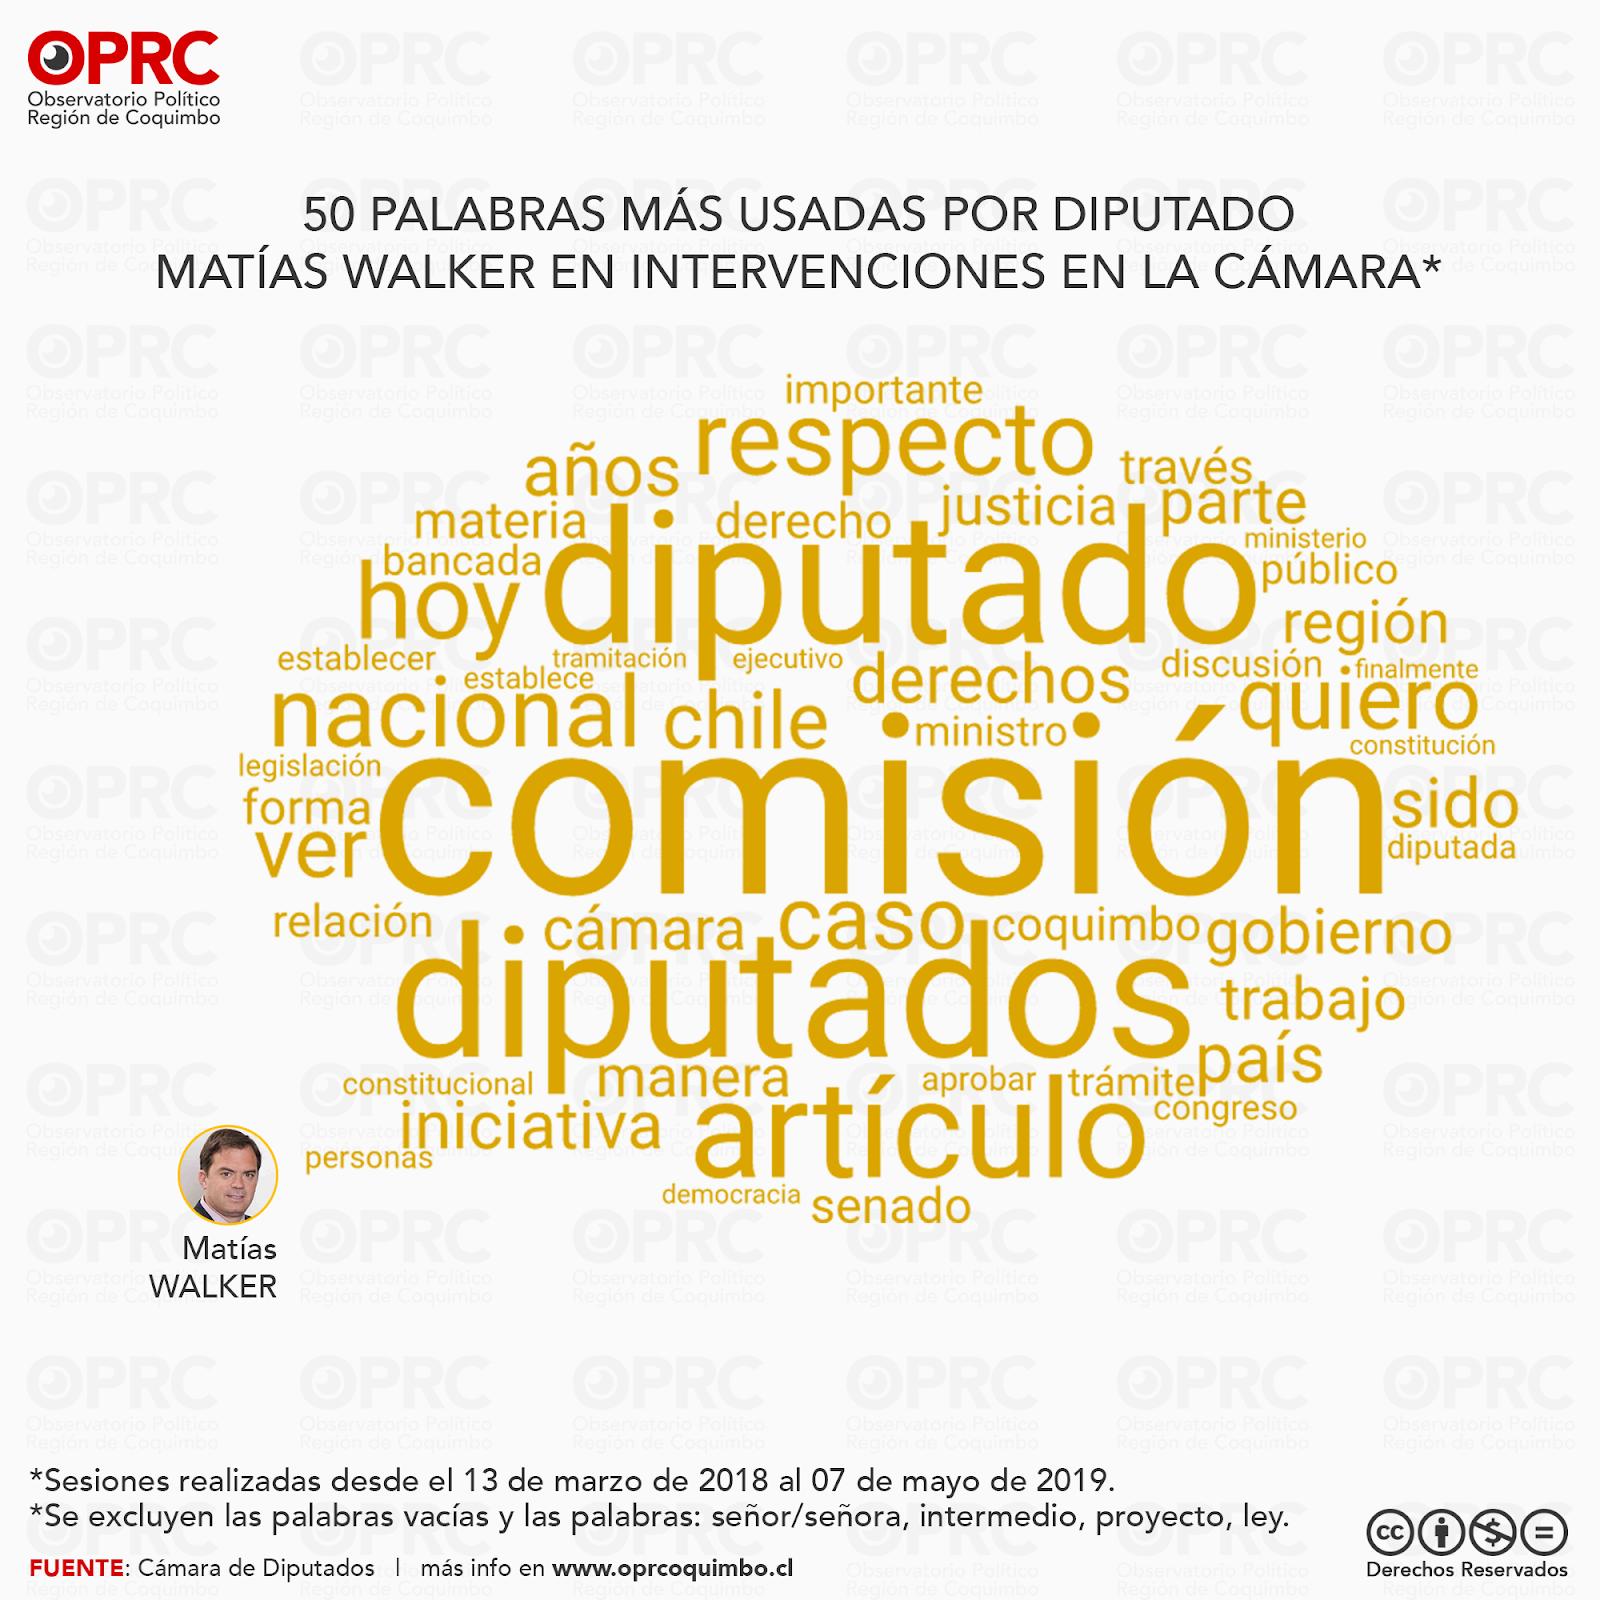 Palabras más usadas por Diputado Matías Walker en intervenciones en Sala